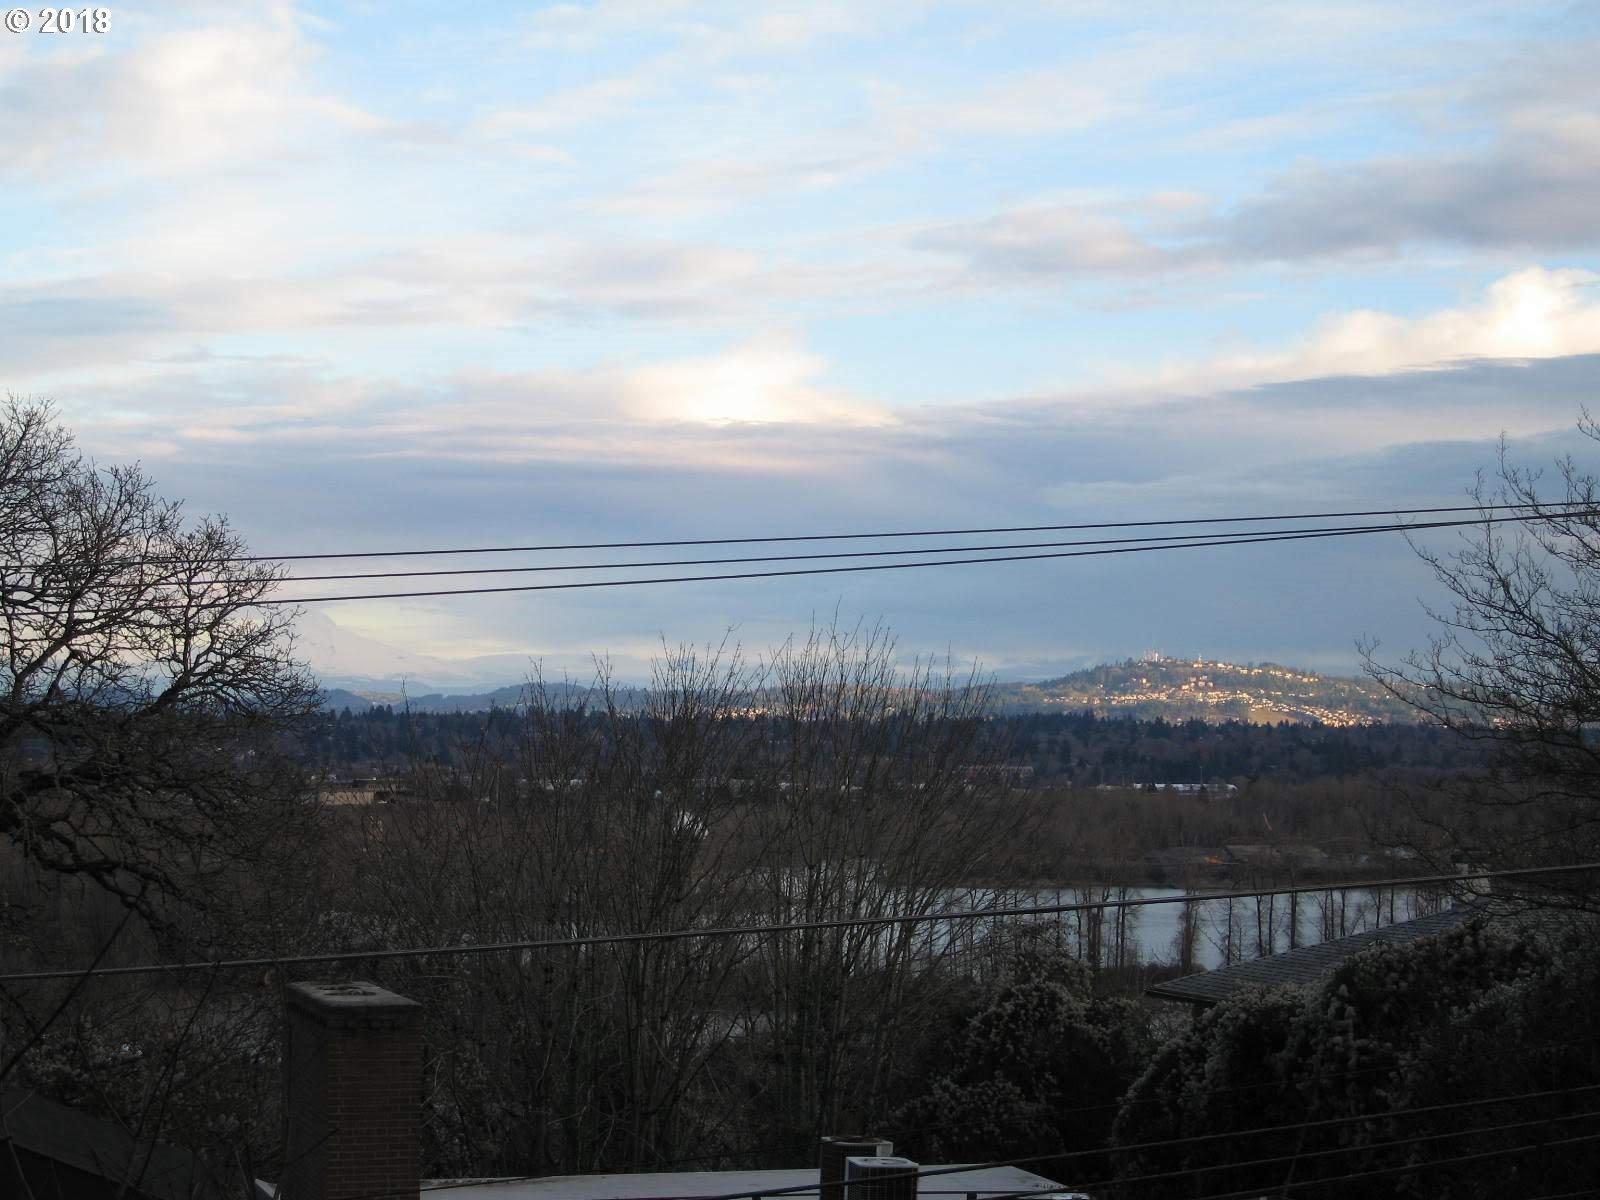 3935 SW CORBETT AVE Portland, OR 97239 - MLS #: 18125345